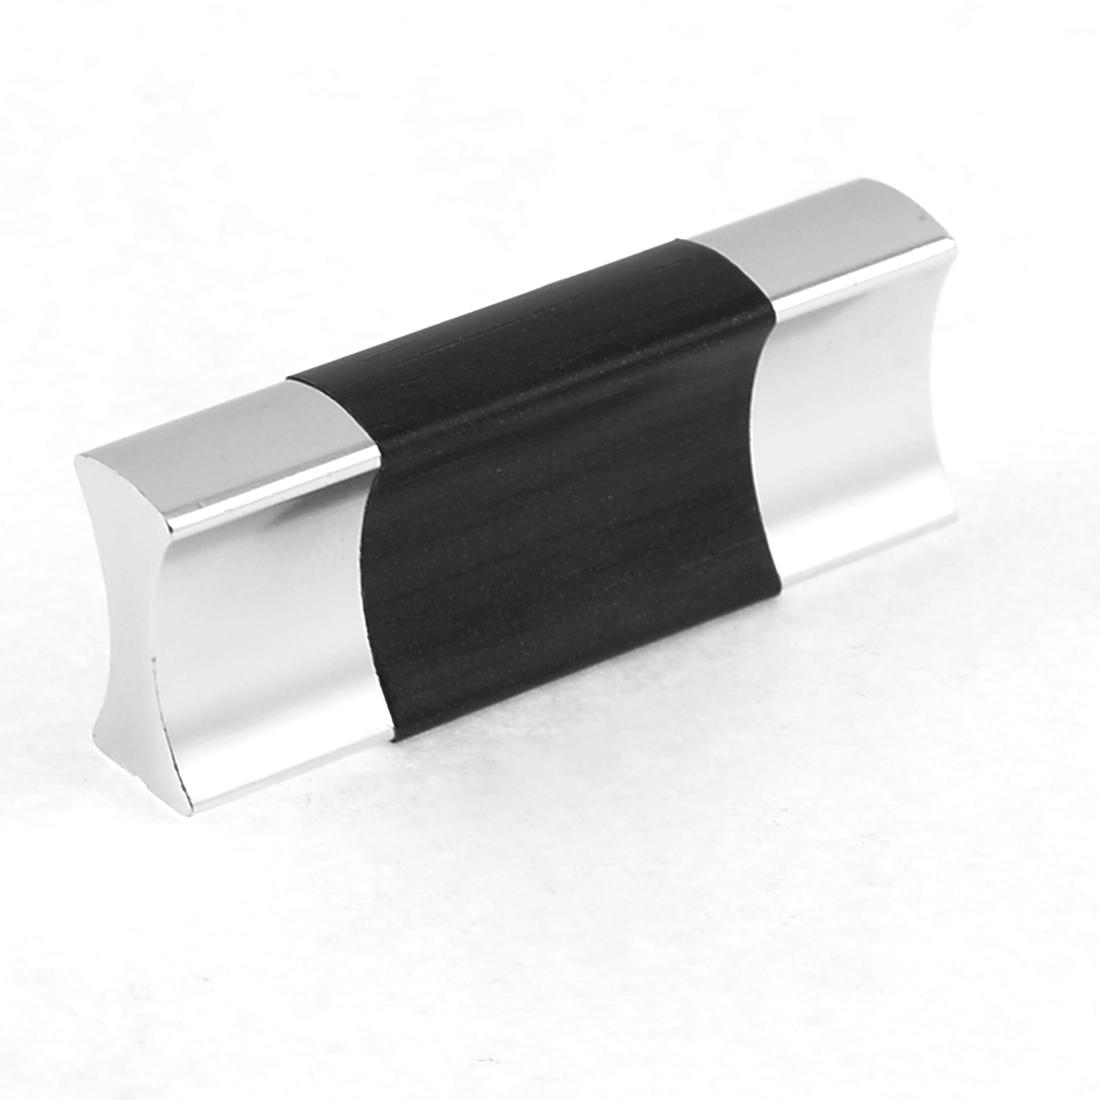 """1.6"""" Length Screw Fix Brown Streak Furniture Component Door Pull Handle"""